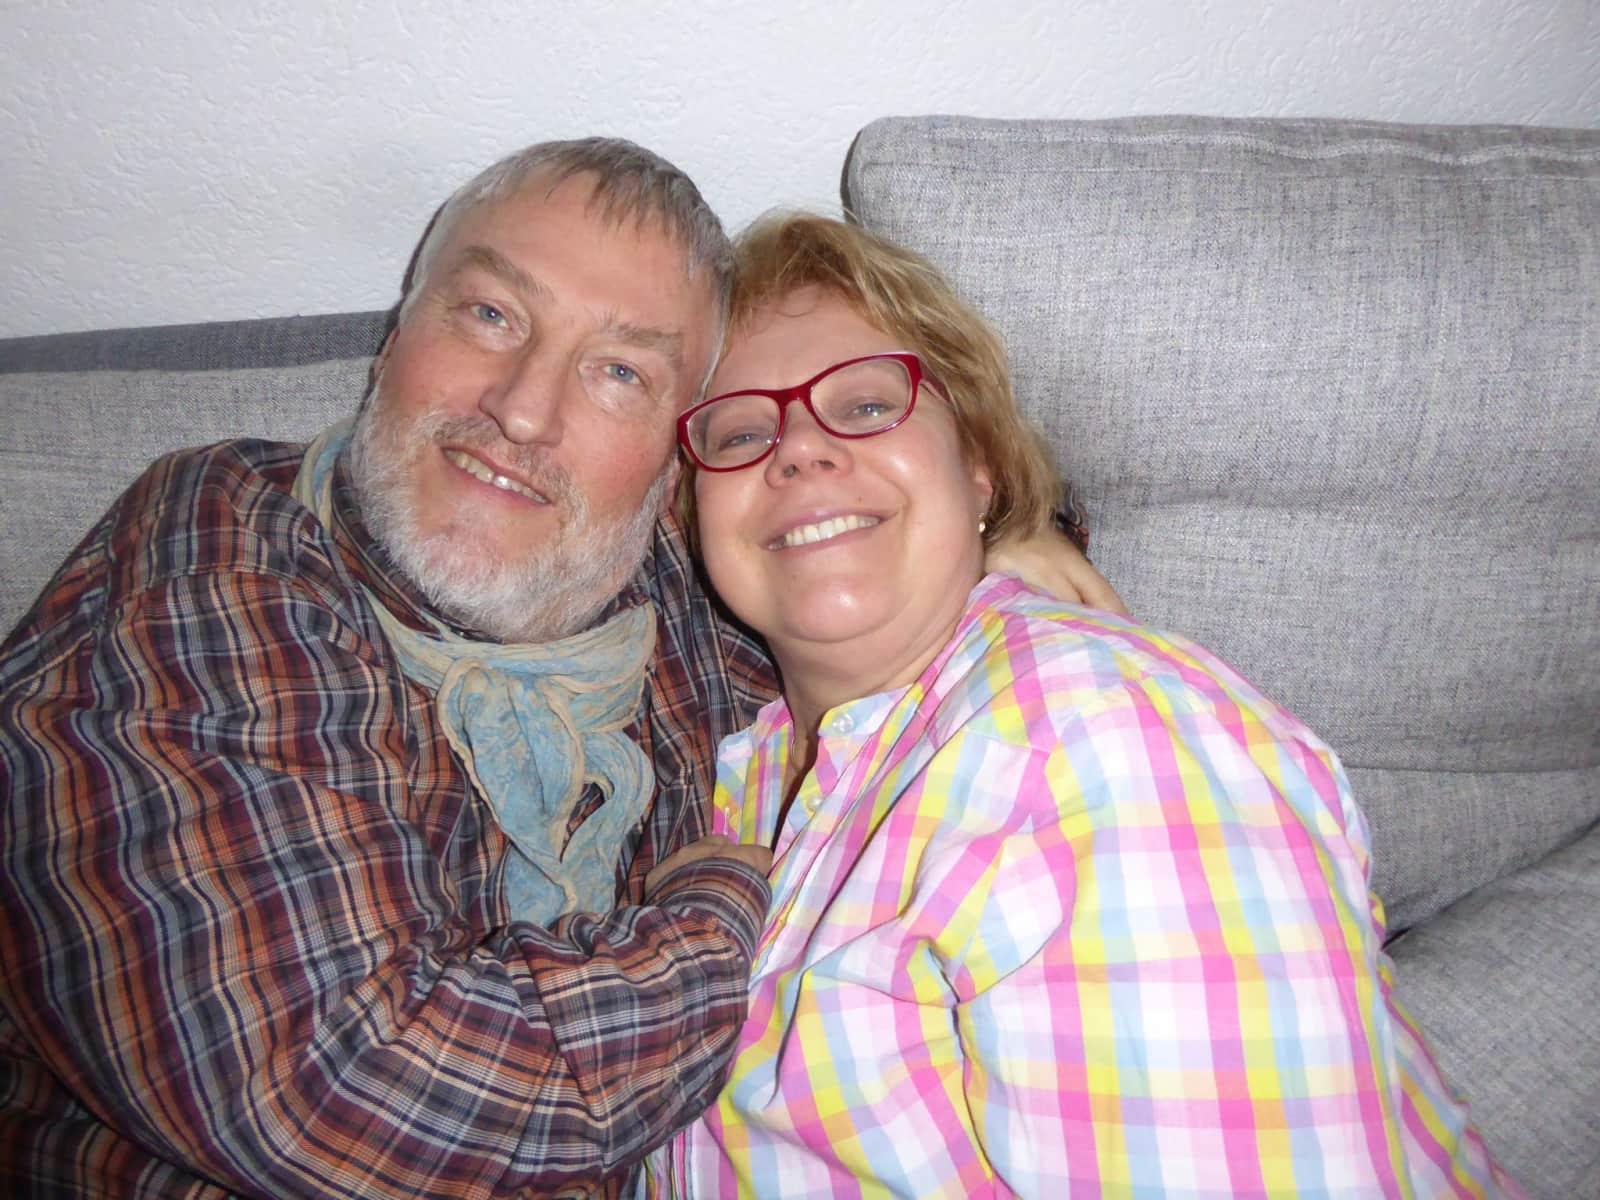 Bodo & Birgit from Wiesbaden, Germany